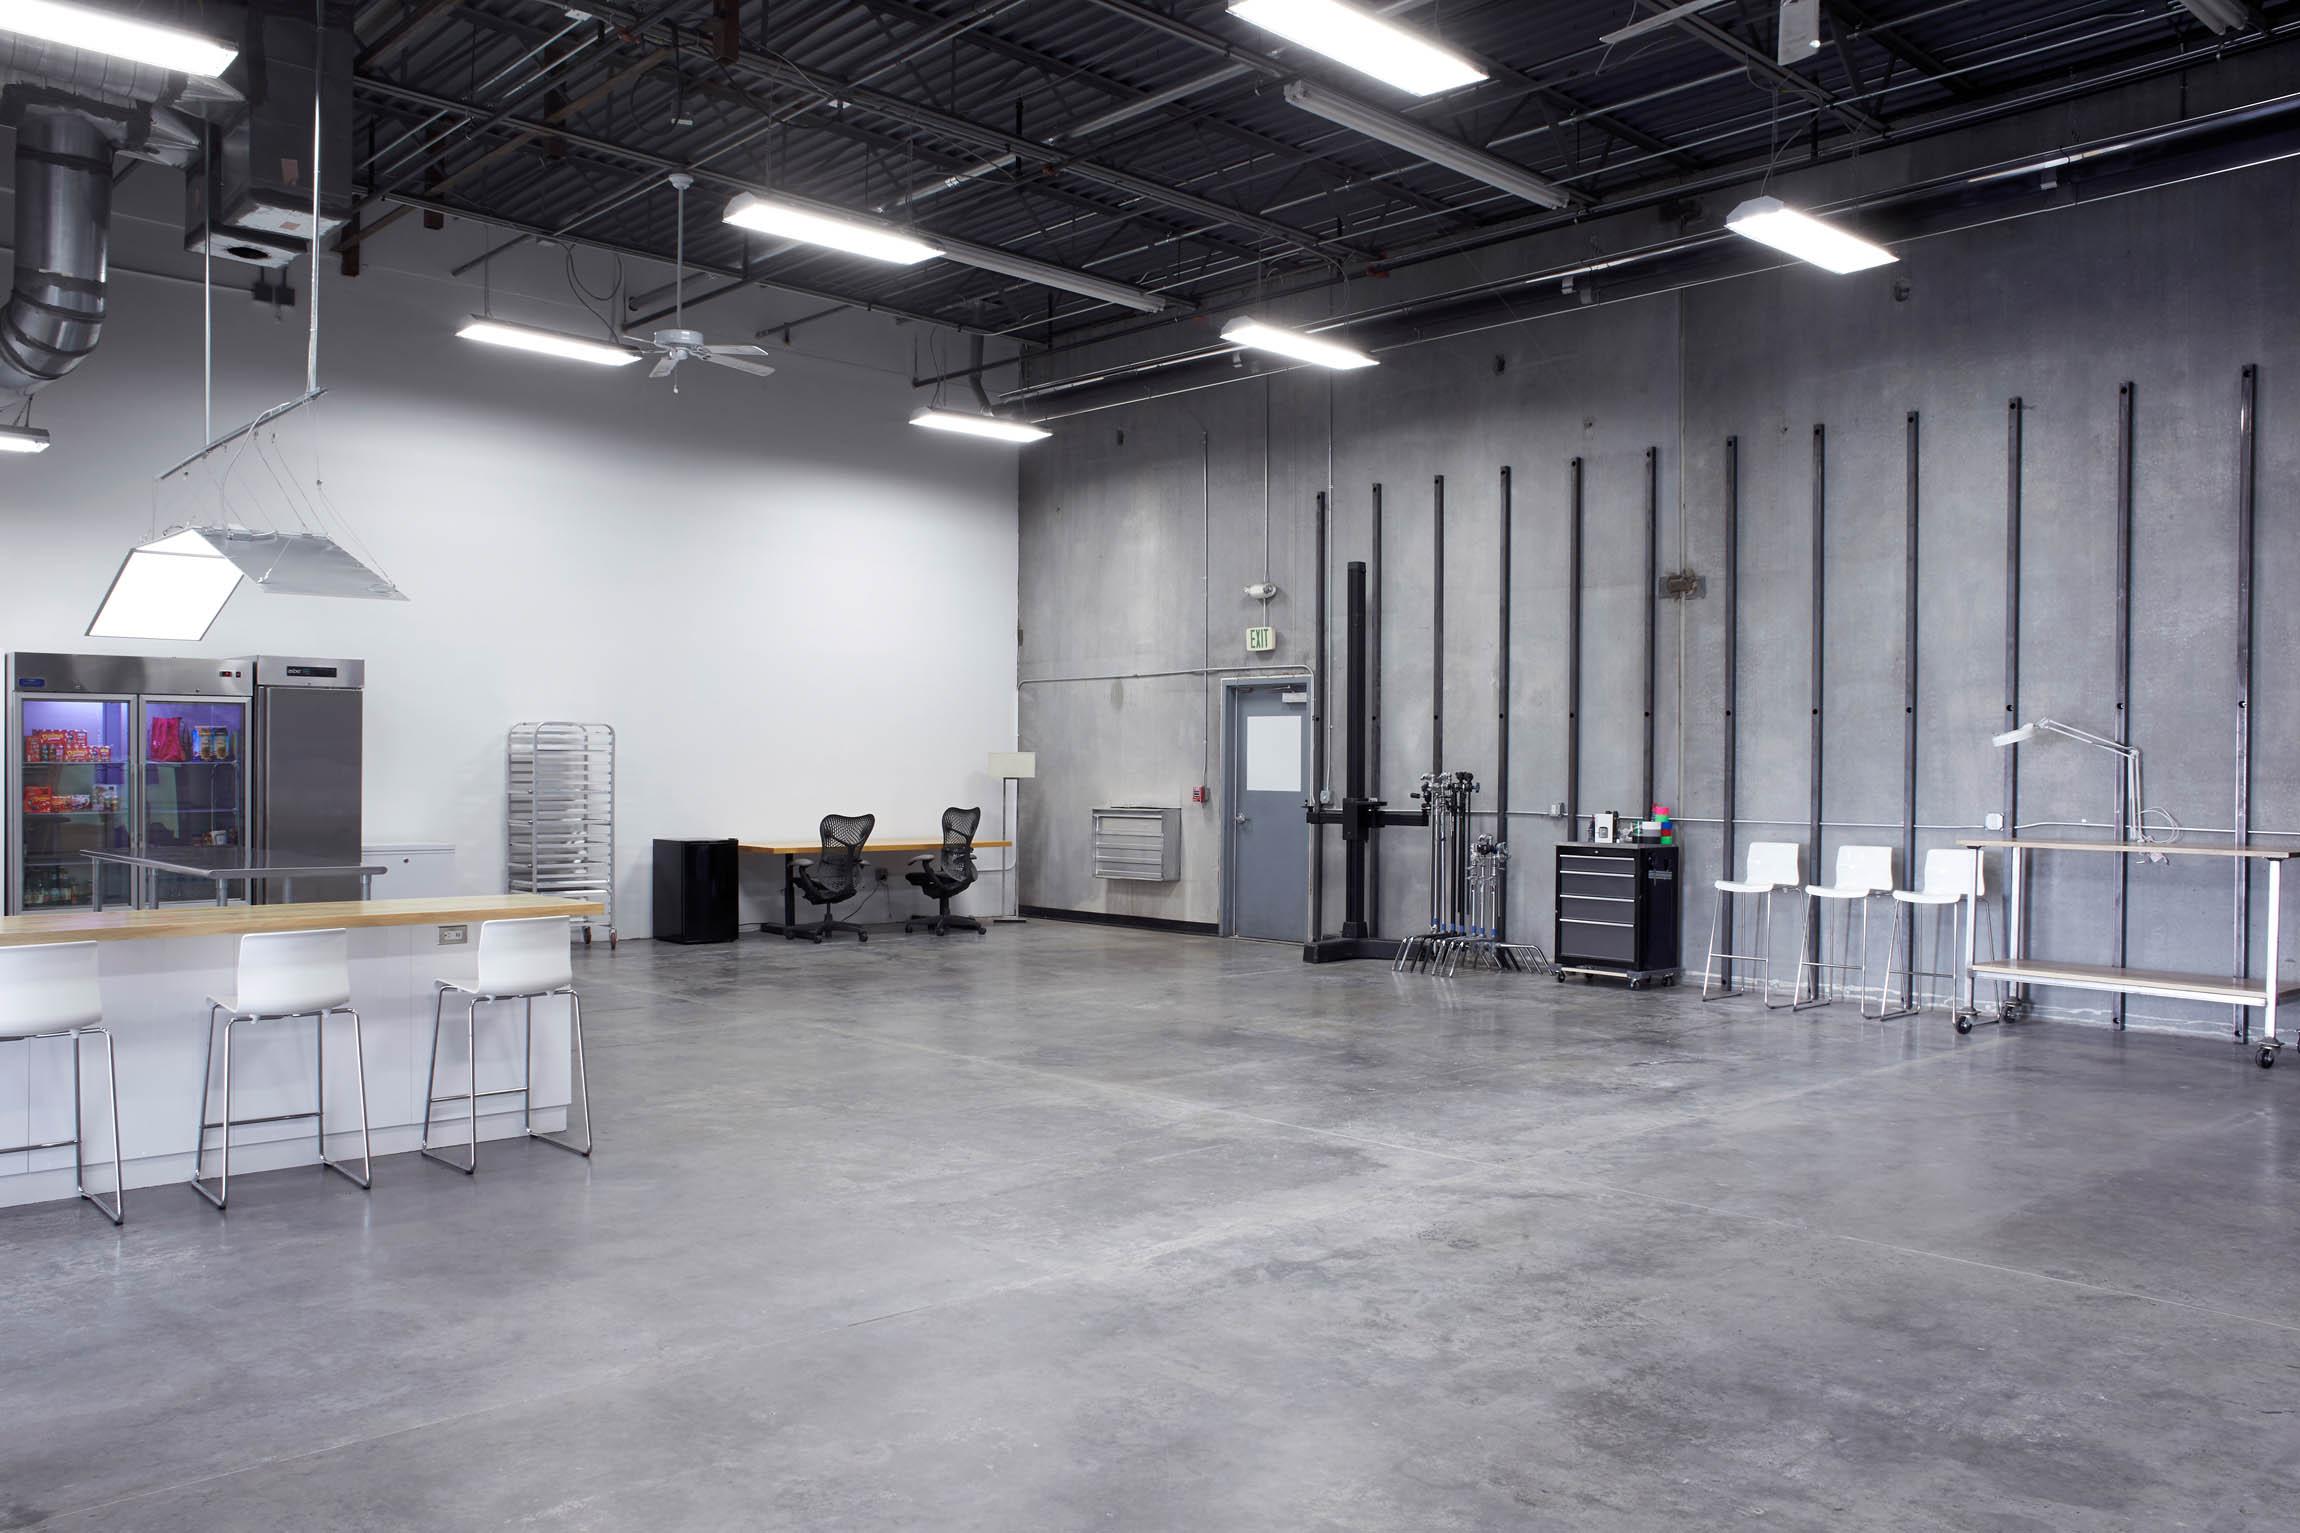 A moden photo studio. See OMS Photo's Golden Colorado photo studio